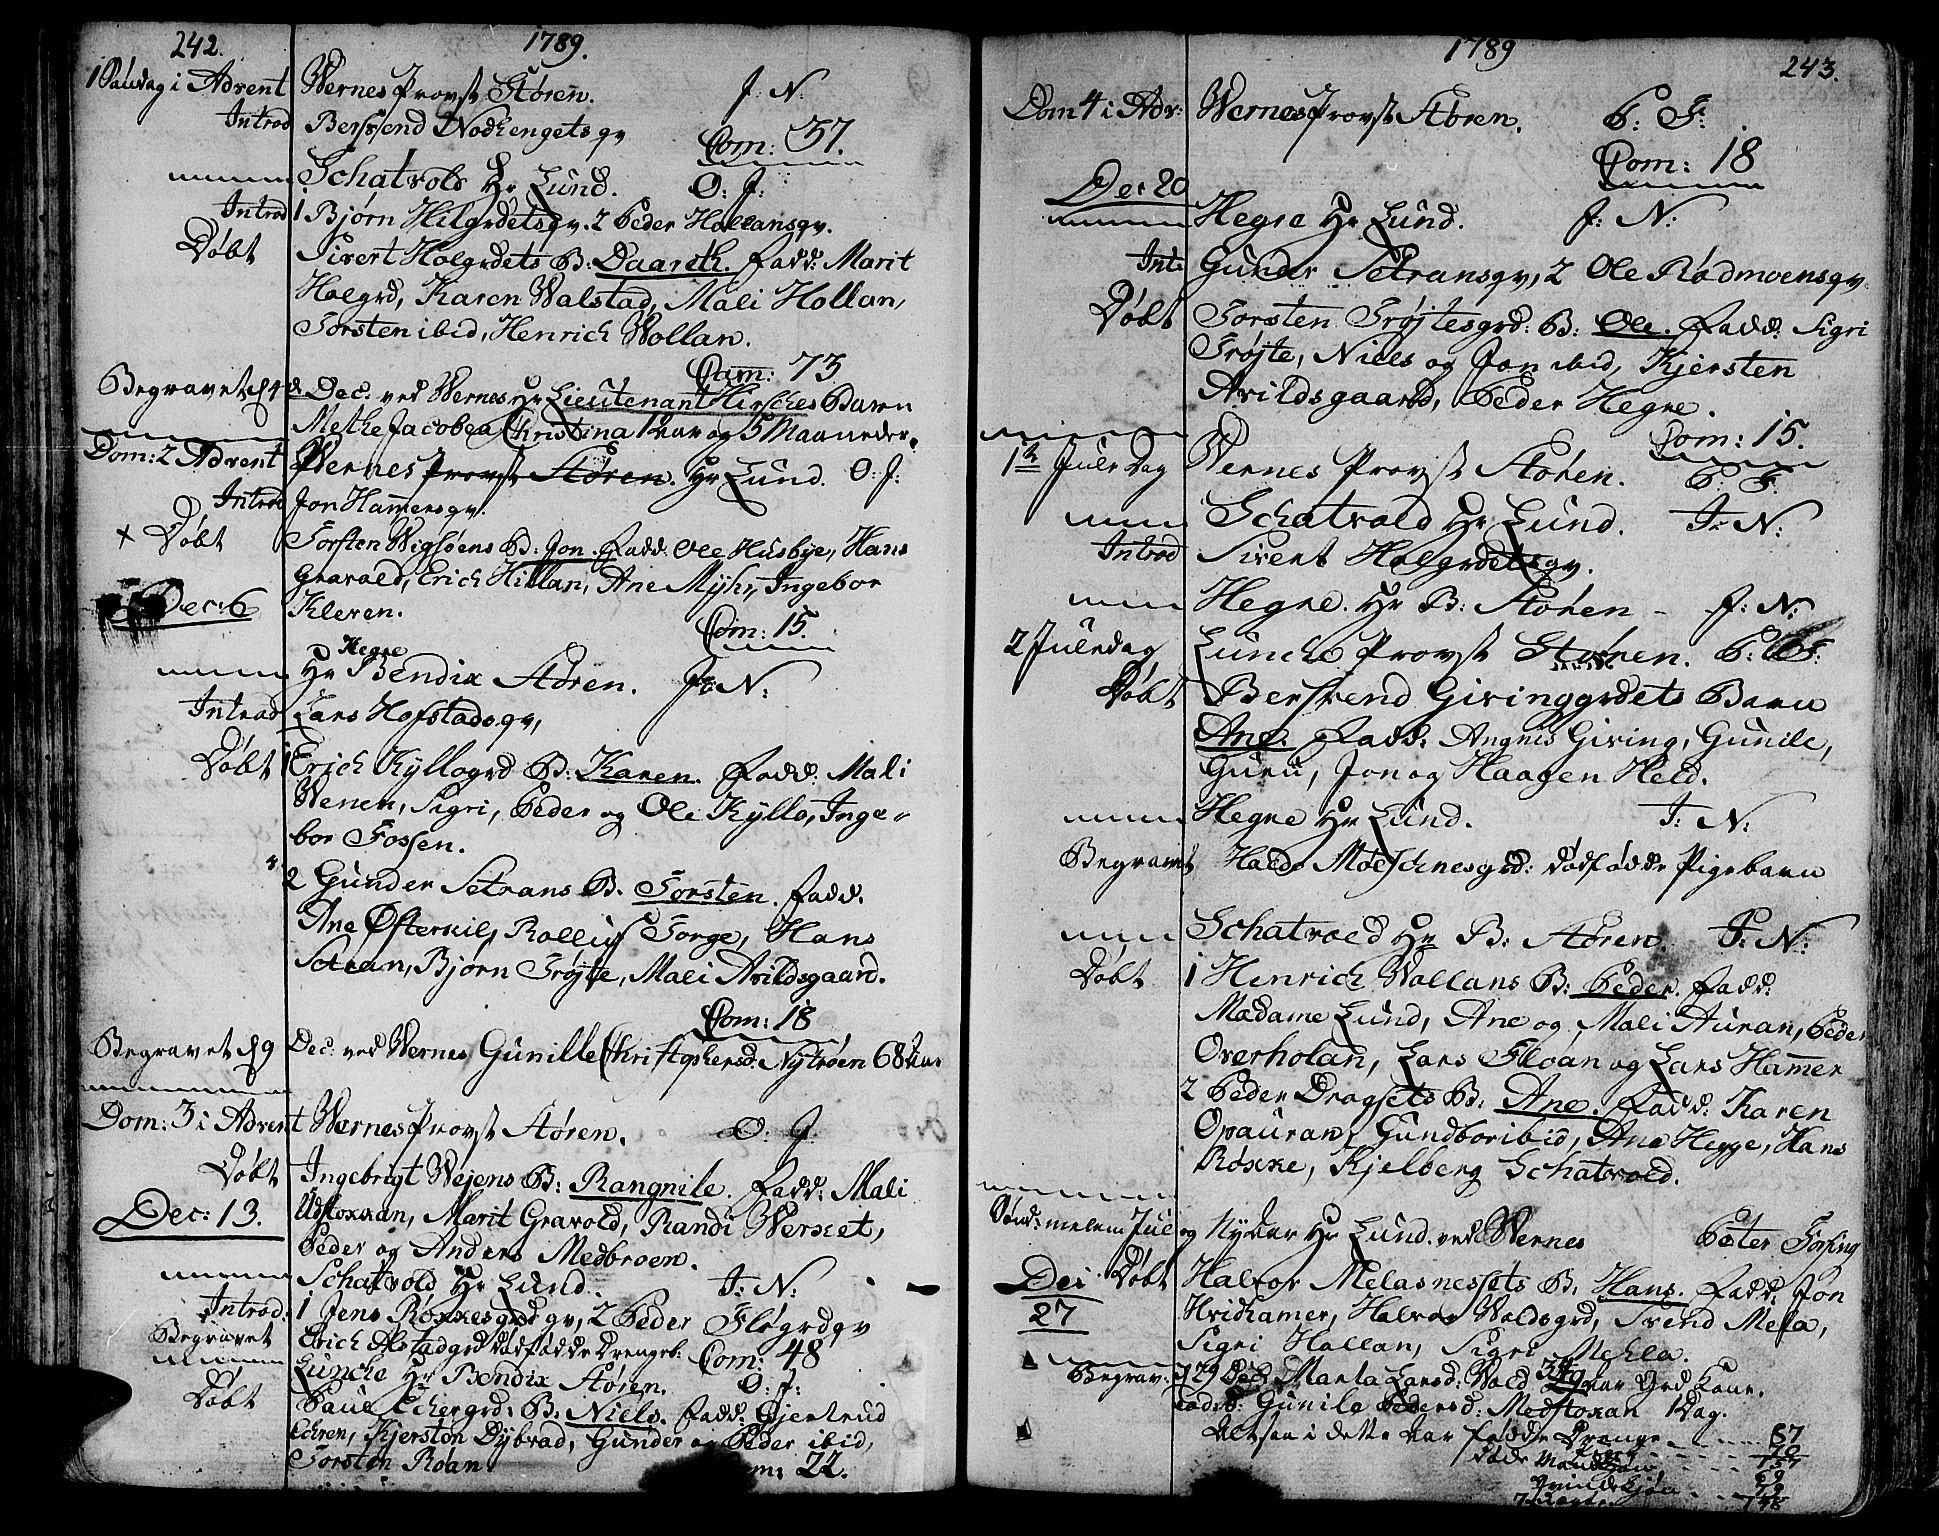 SAT, Ministerialprotokoller, klokkerbøker og fødselsregistre - Nord-Trøndelag, 709/L0059: Ministerialbok nr. 709A06, 1781-1797, s. 242-243